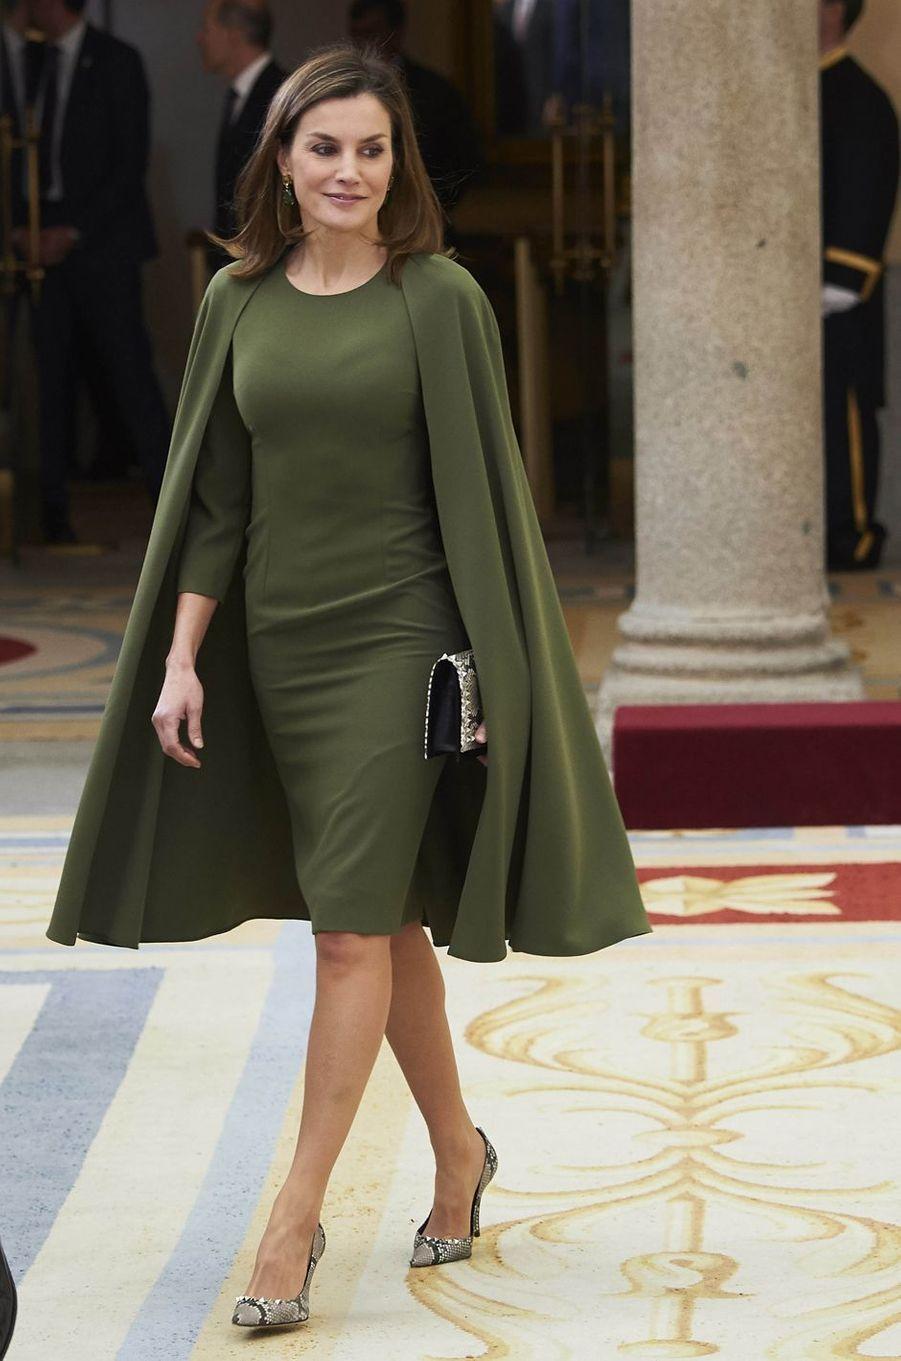 La reine Letizia d'Espagne a porté à nouveau sa robe-cape le 19 février 2018